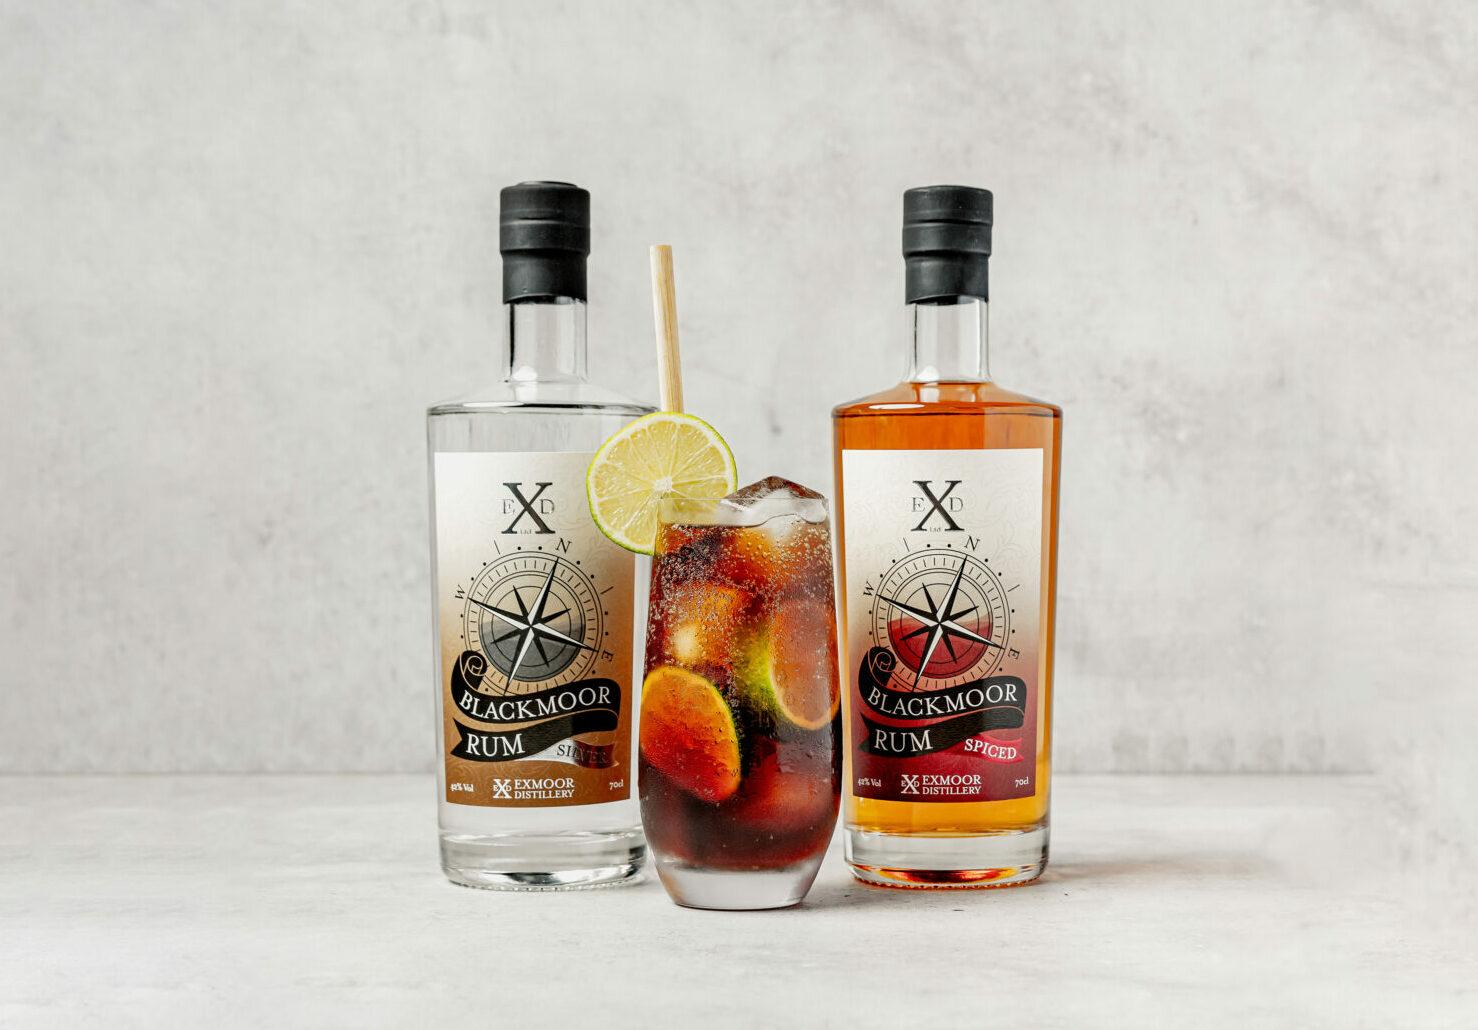 NEW! Blackmoor Rum